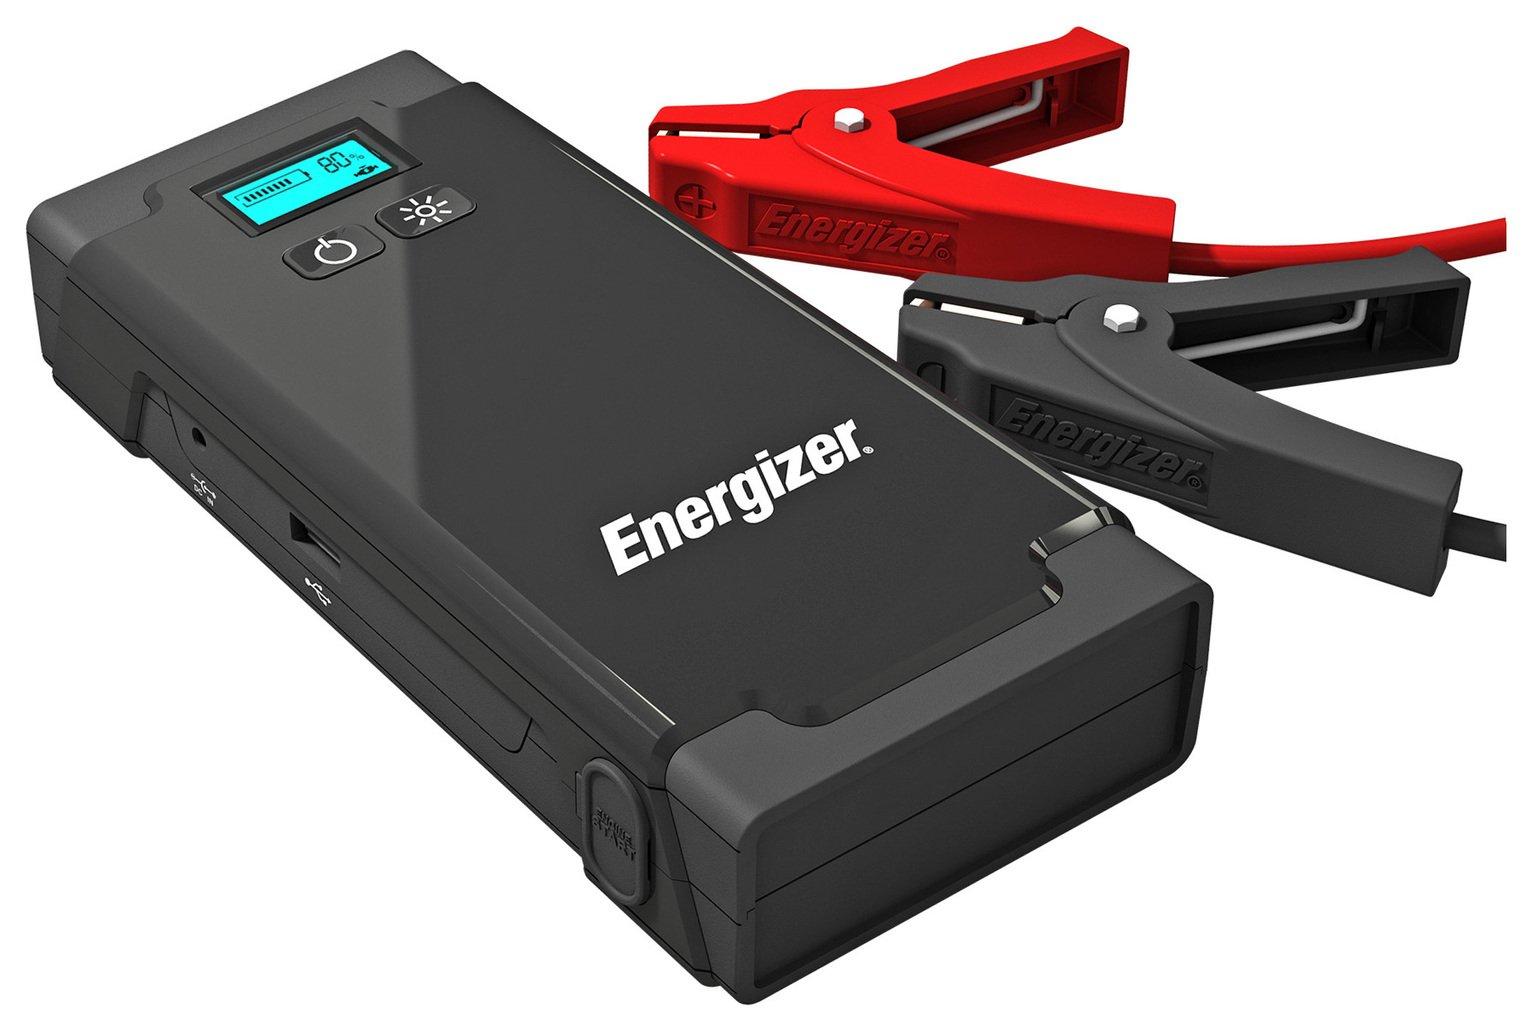 Energizer 12V Jump Starter